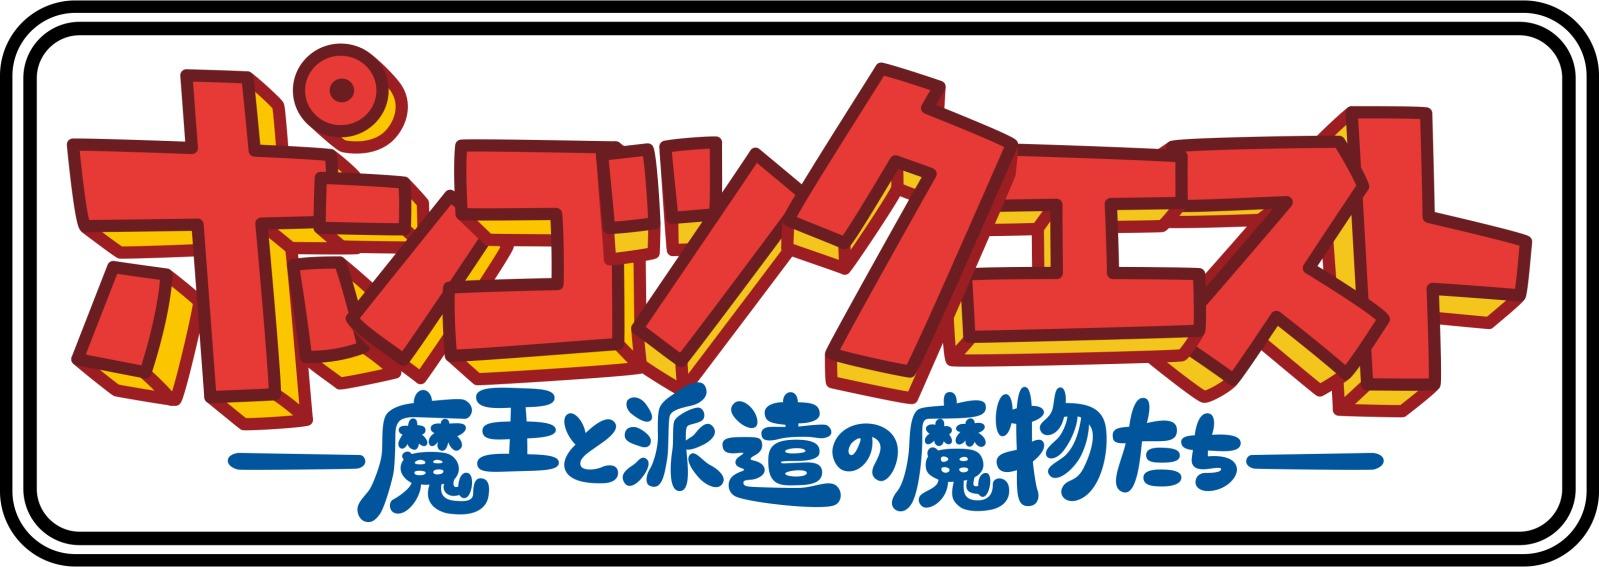 『ポンコツクエスト』ロゴ